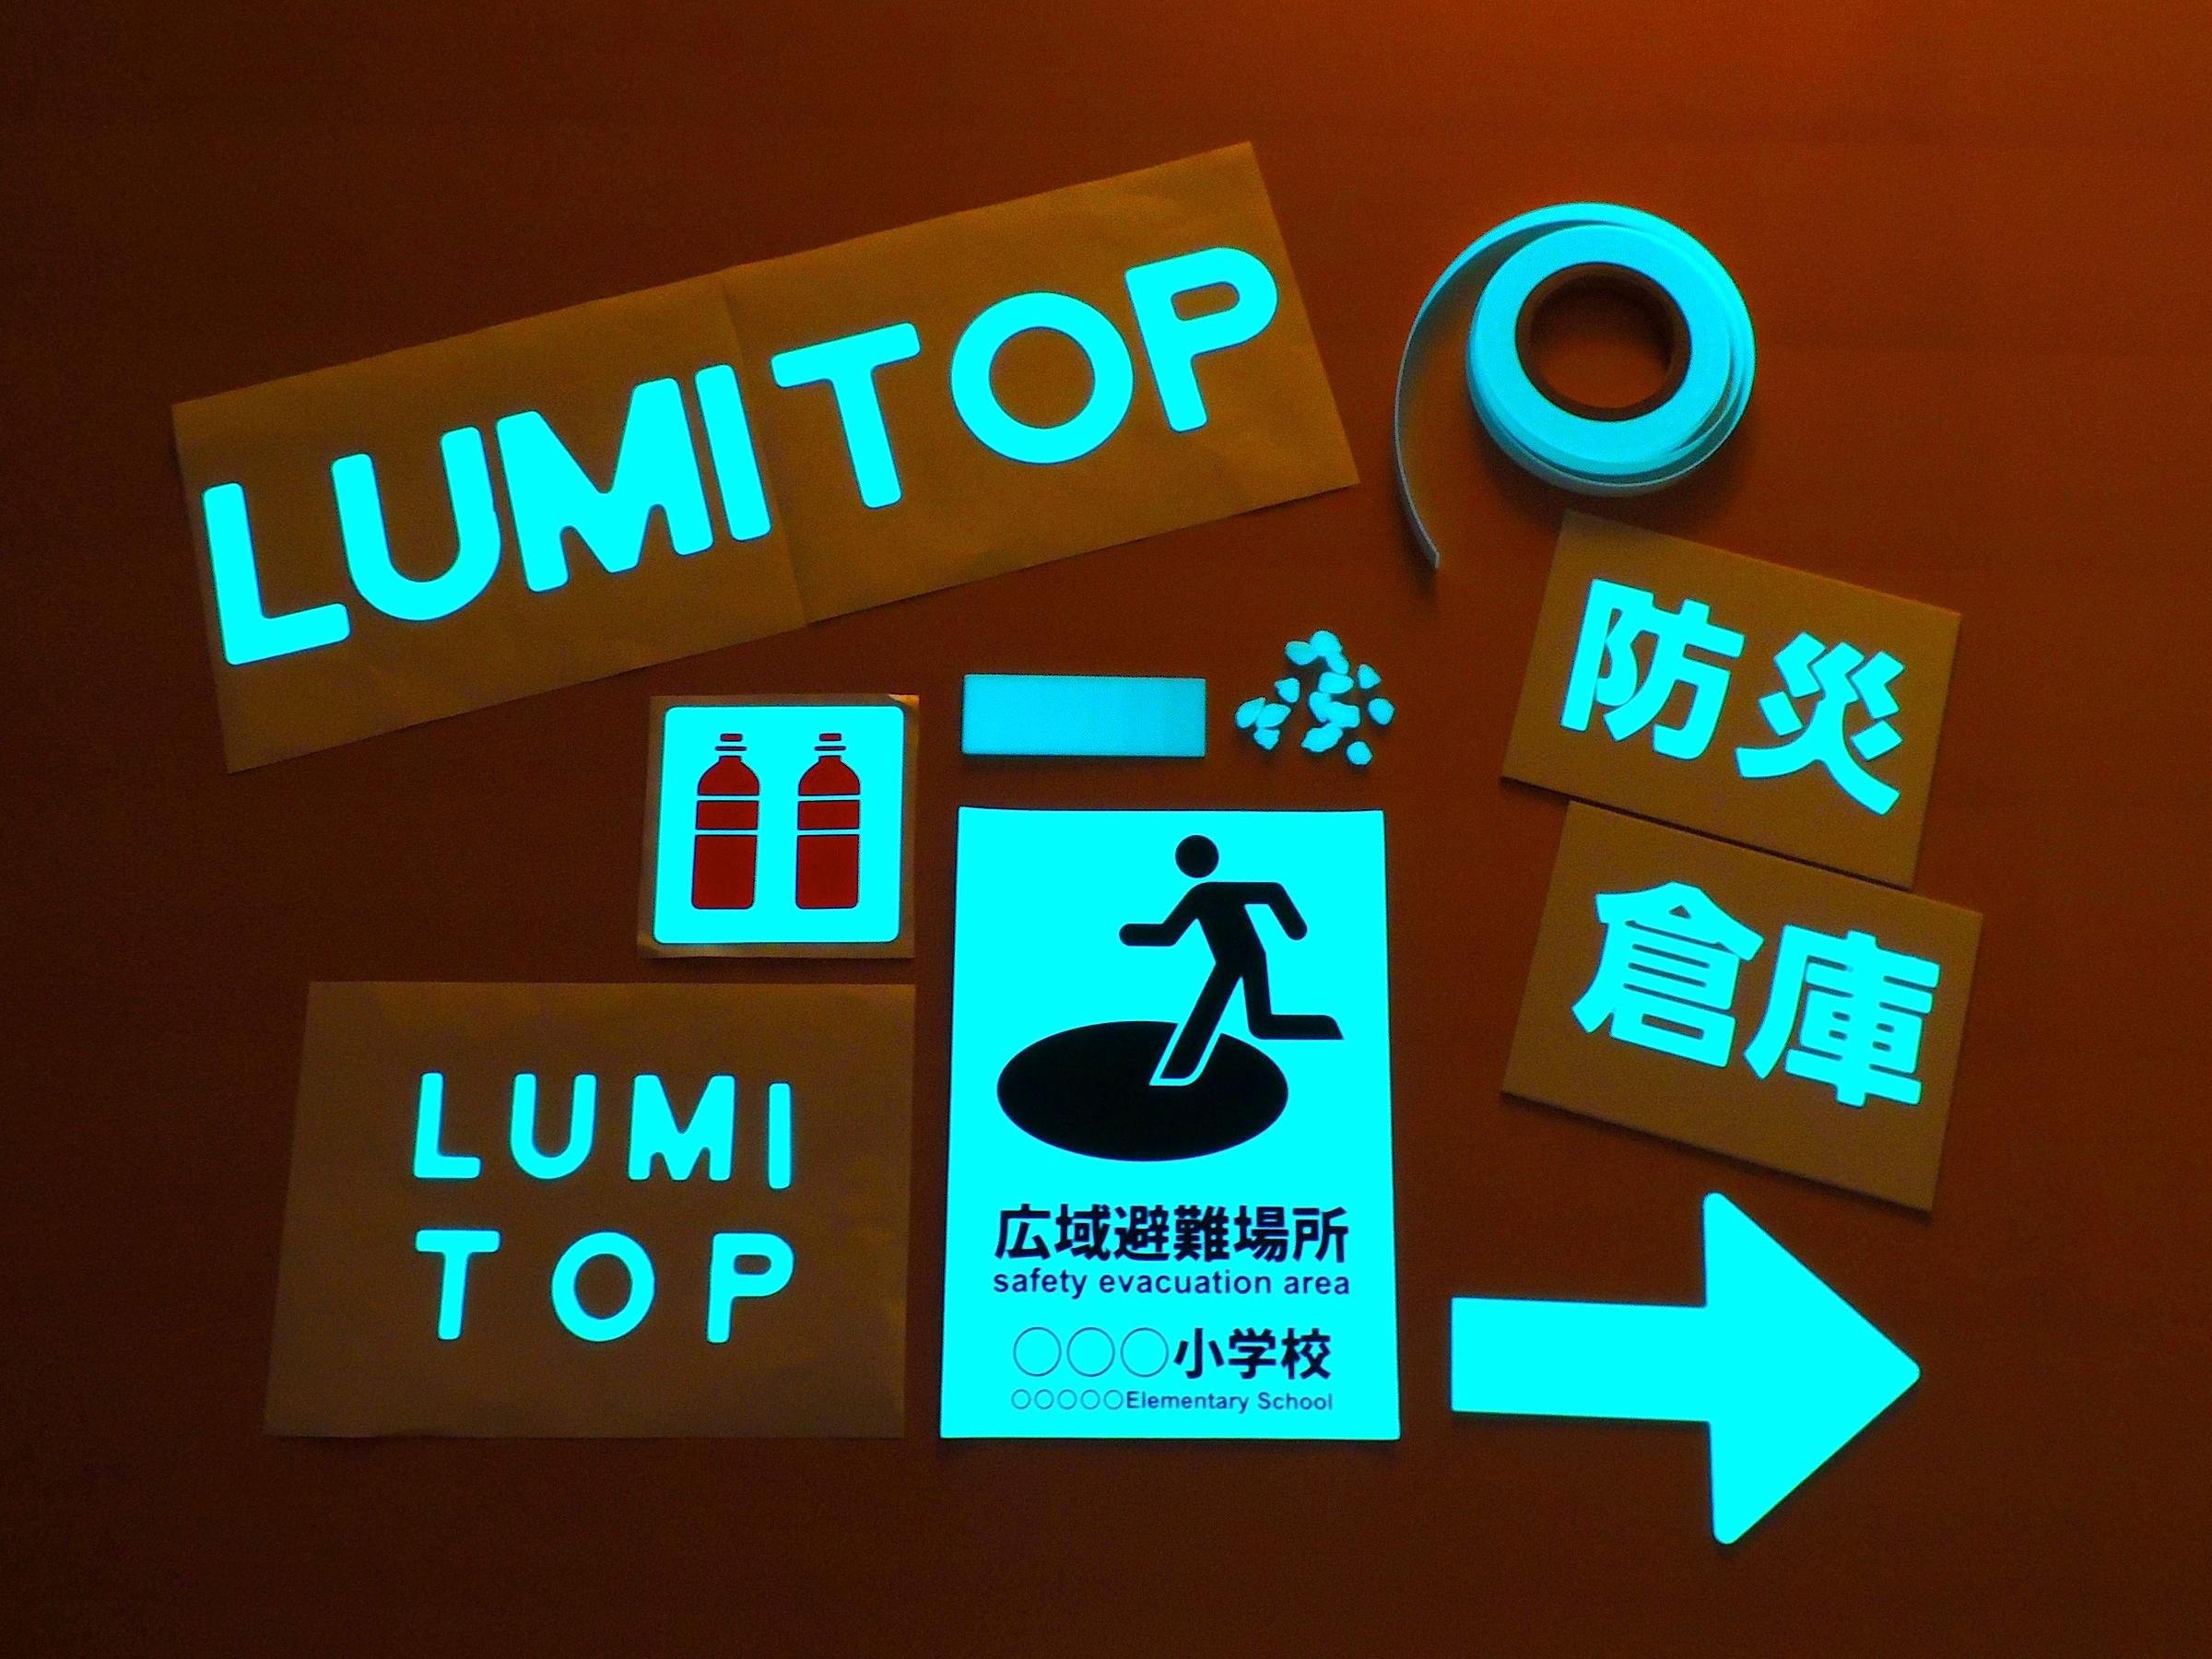 曲がる屋外向け蓄光シート『LUMITOP(ルミトップ)™』